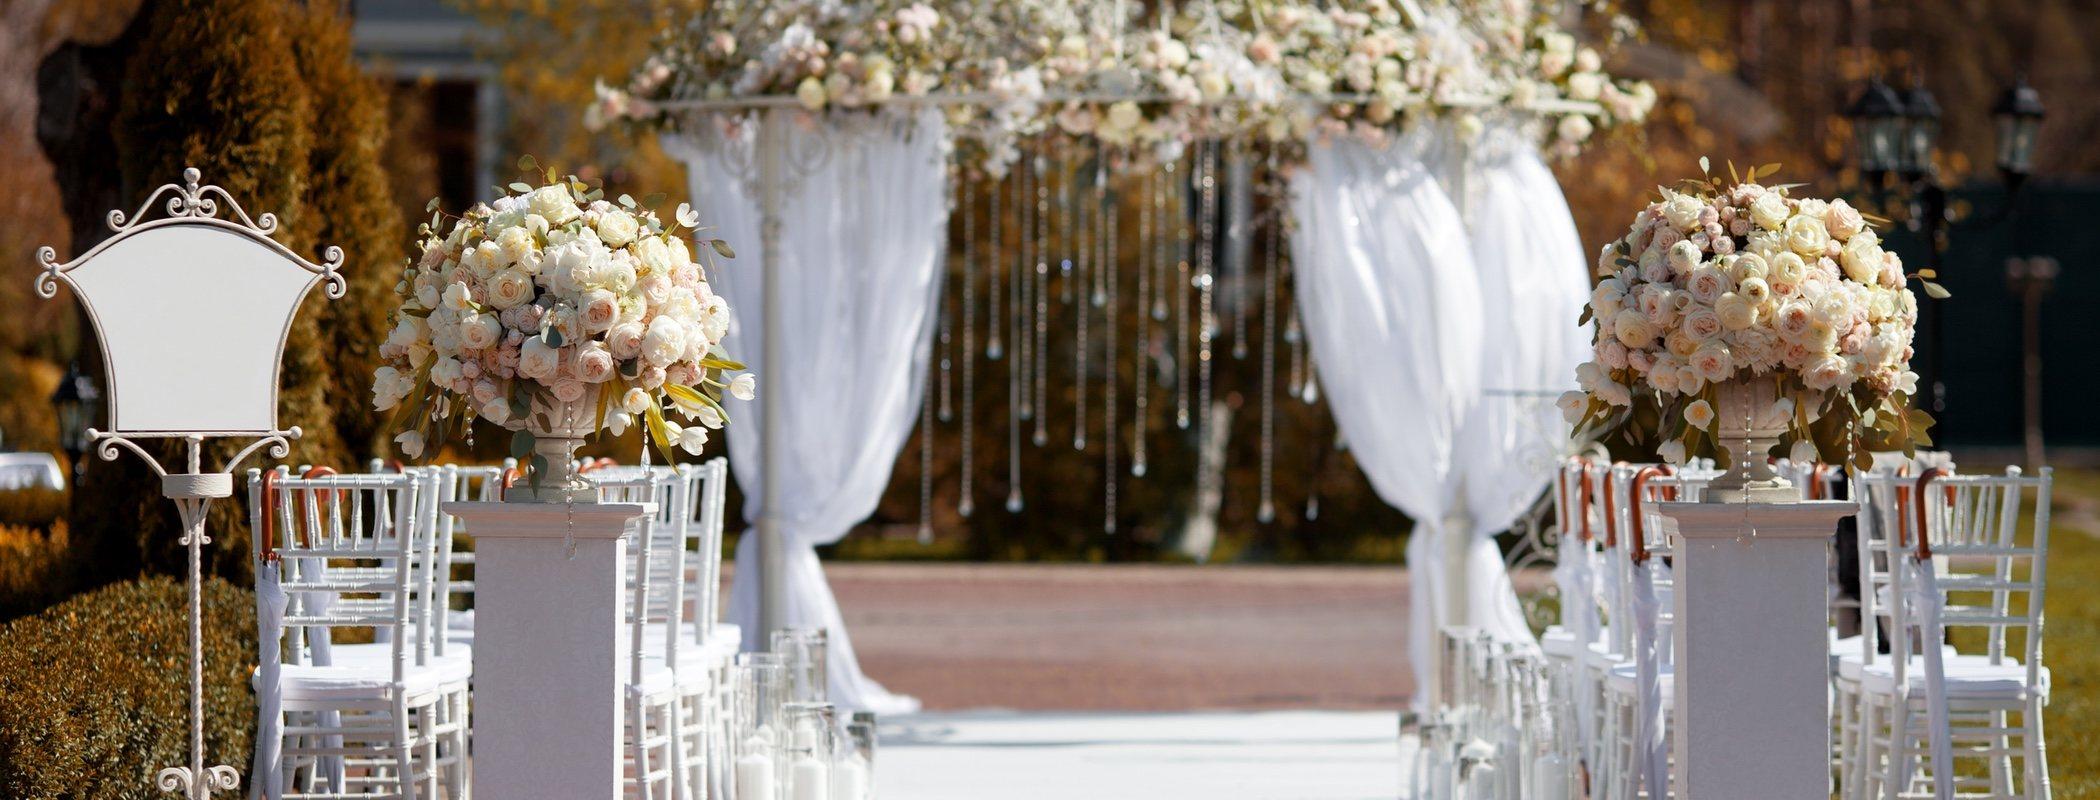 Mi expareja me ha invitado a su boda: ¿Voy o no?